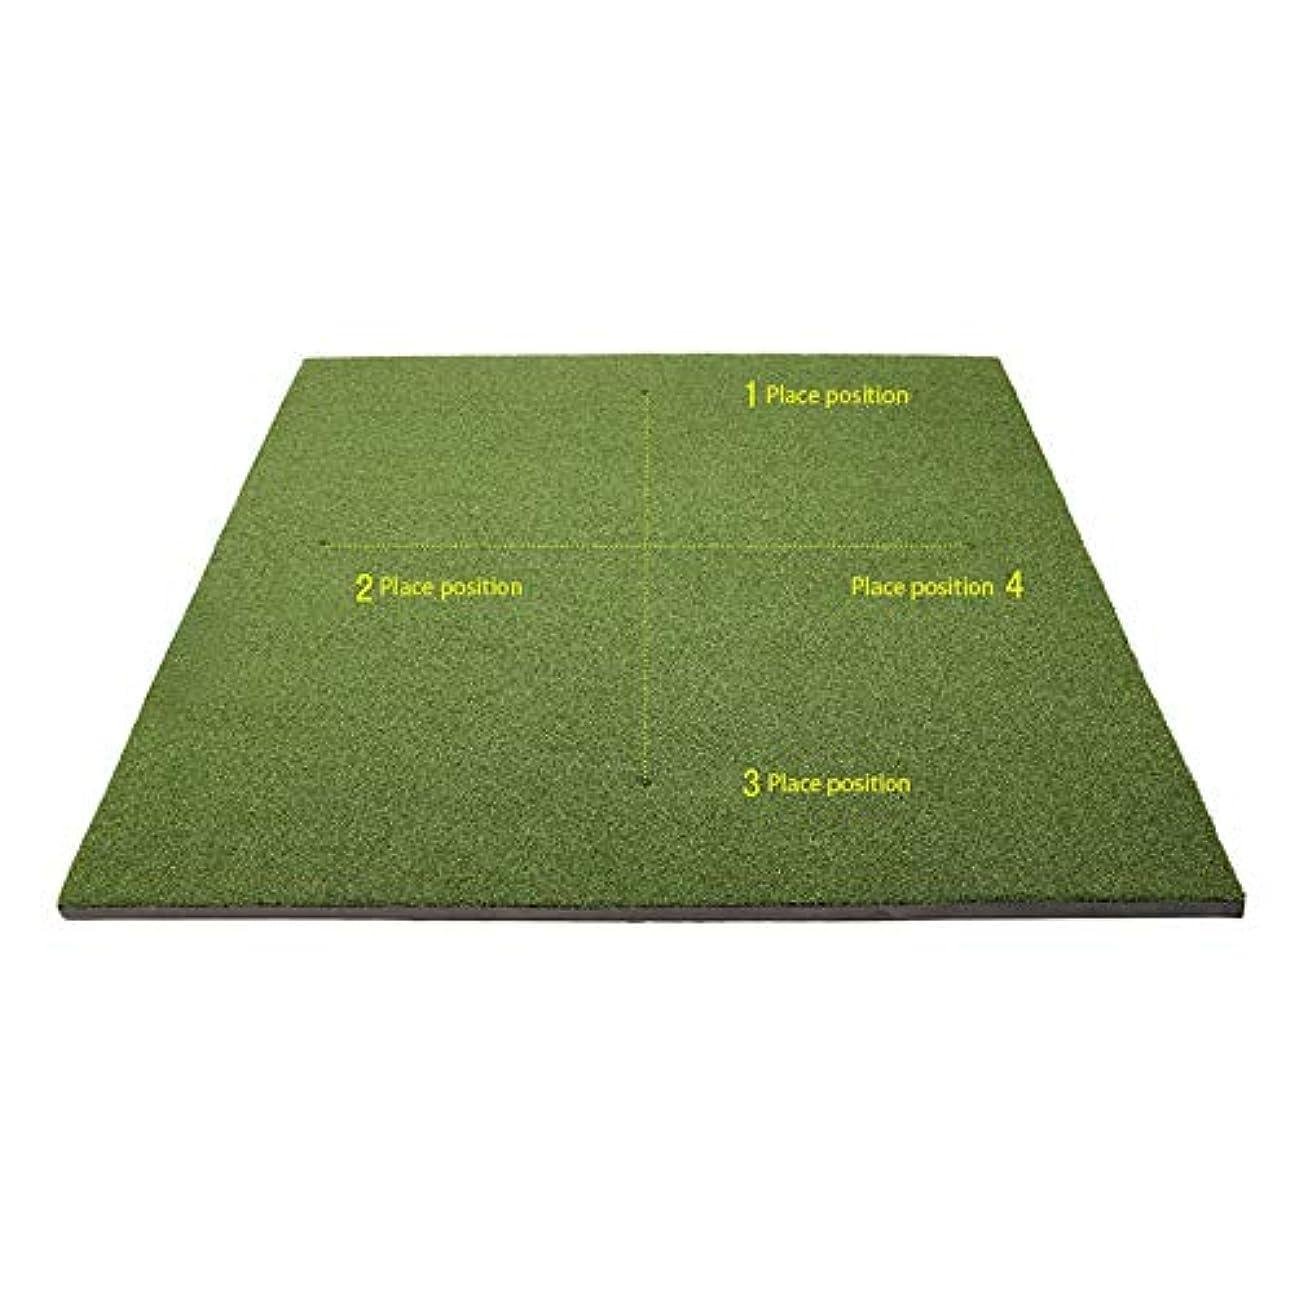 会議四半期ピニオン屋内グリーンシステムプロフェッショナルゴルフグリーンパッティングエクササイザーミニフェアウェイトレーニングマット用リビングルーム、バルコニー、オフィス、庭 (色 : 緑, サイズ : 1.5*1.5m)